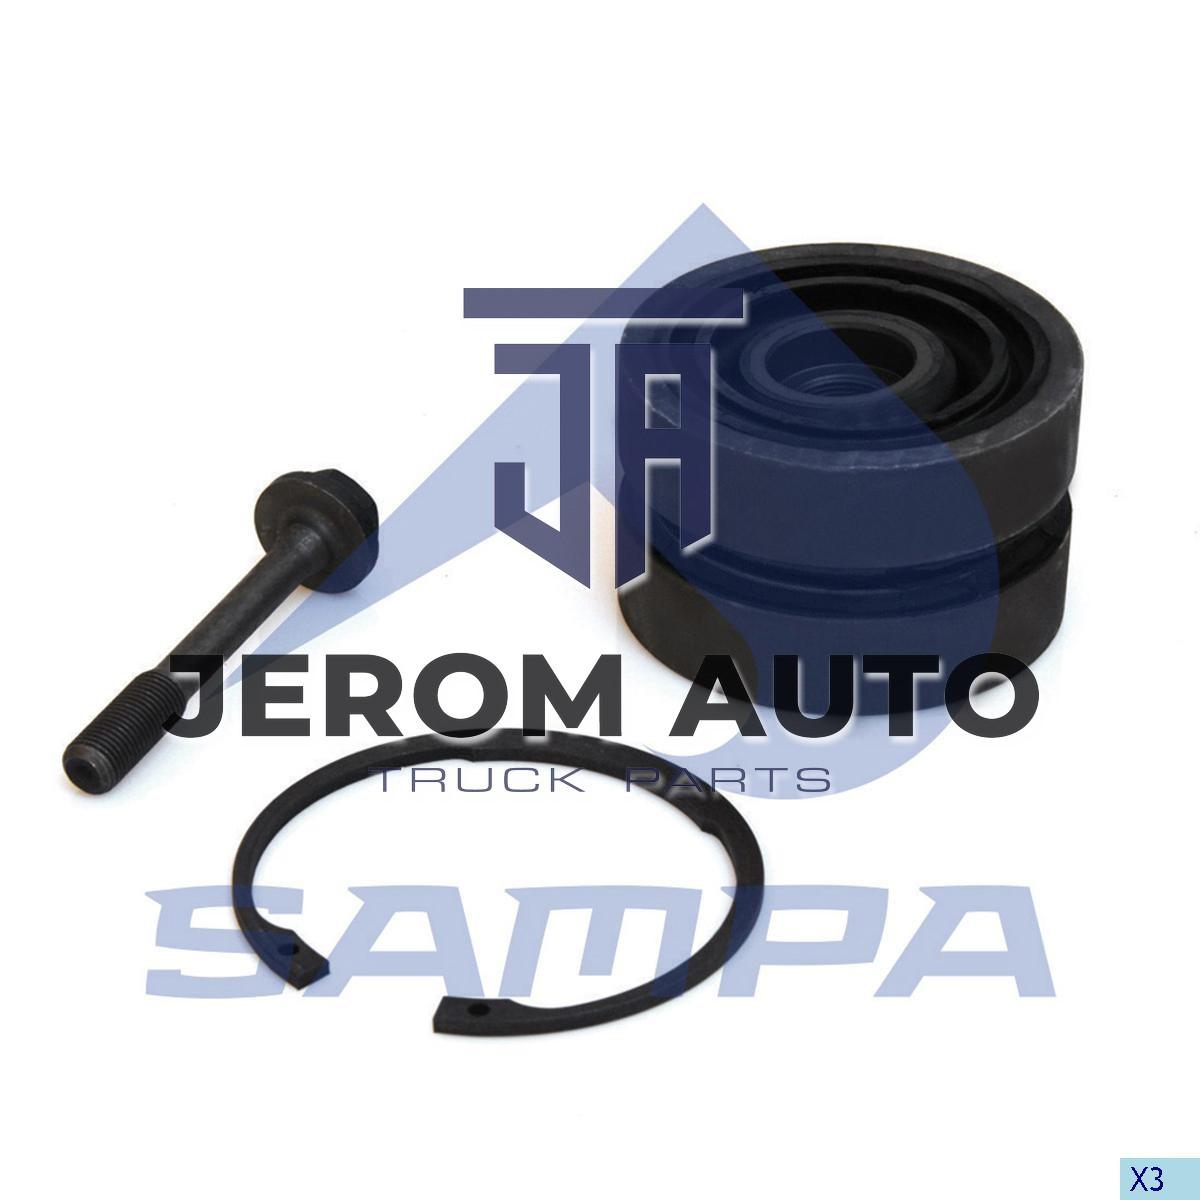 Сайлентблок M24x1,5/d108x68 тяги DAF, Mercedes \1445656 \ 010.584